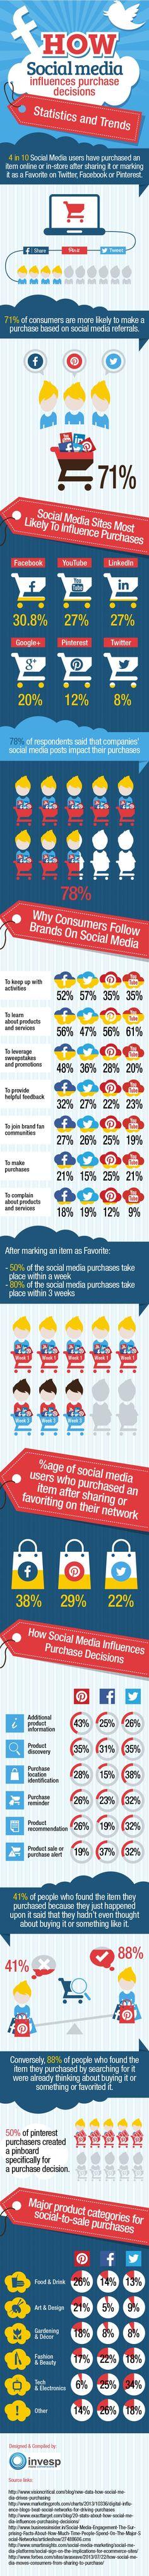 De invloed van social media op online koopgedrag [infographic] - Frankwatching mrt 2014